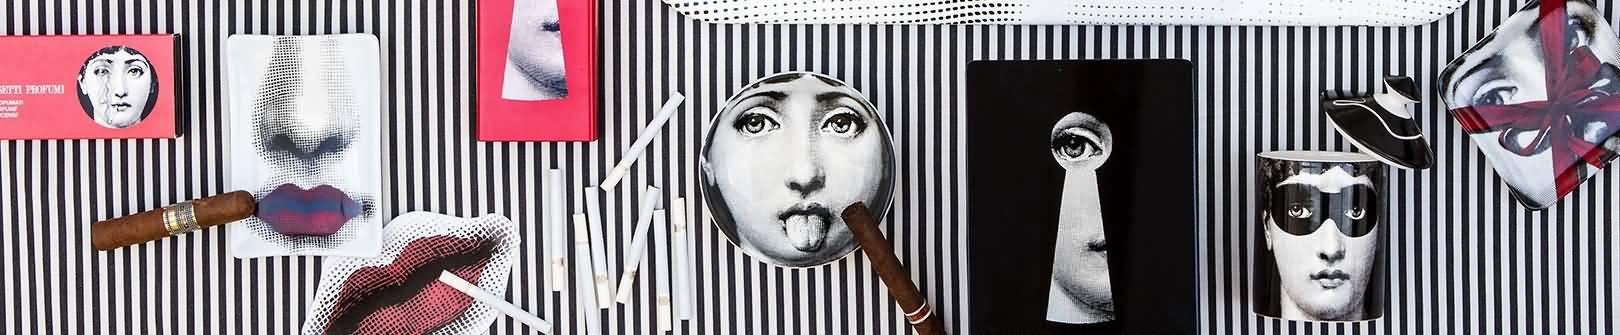 Accessoires fumeurs